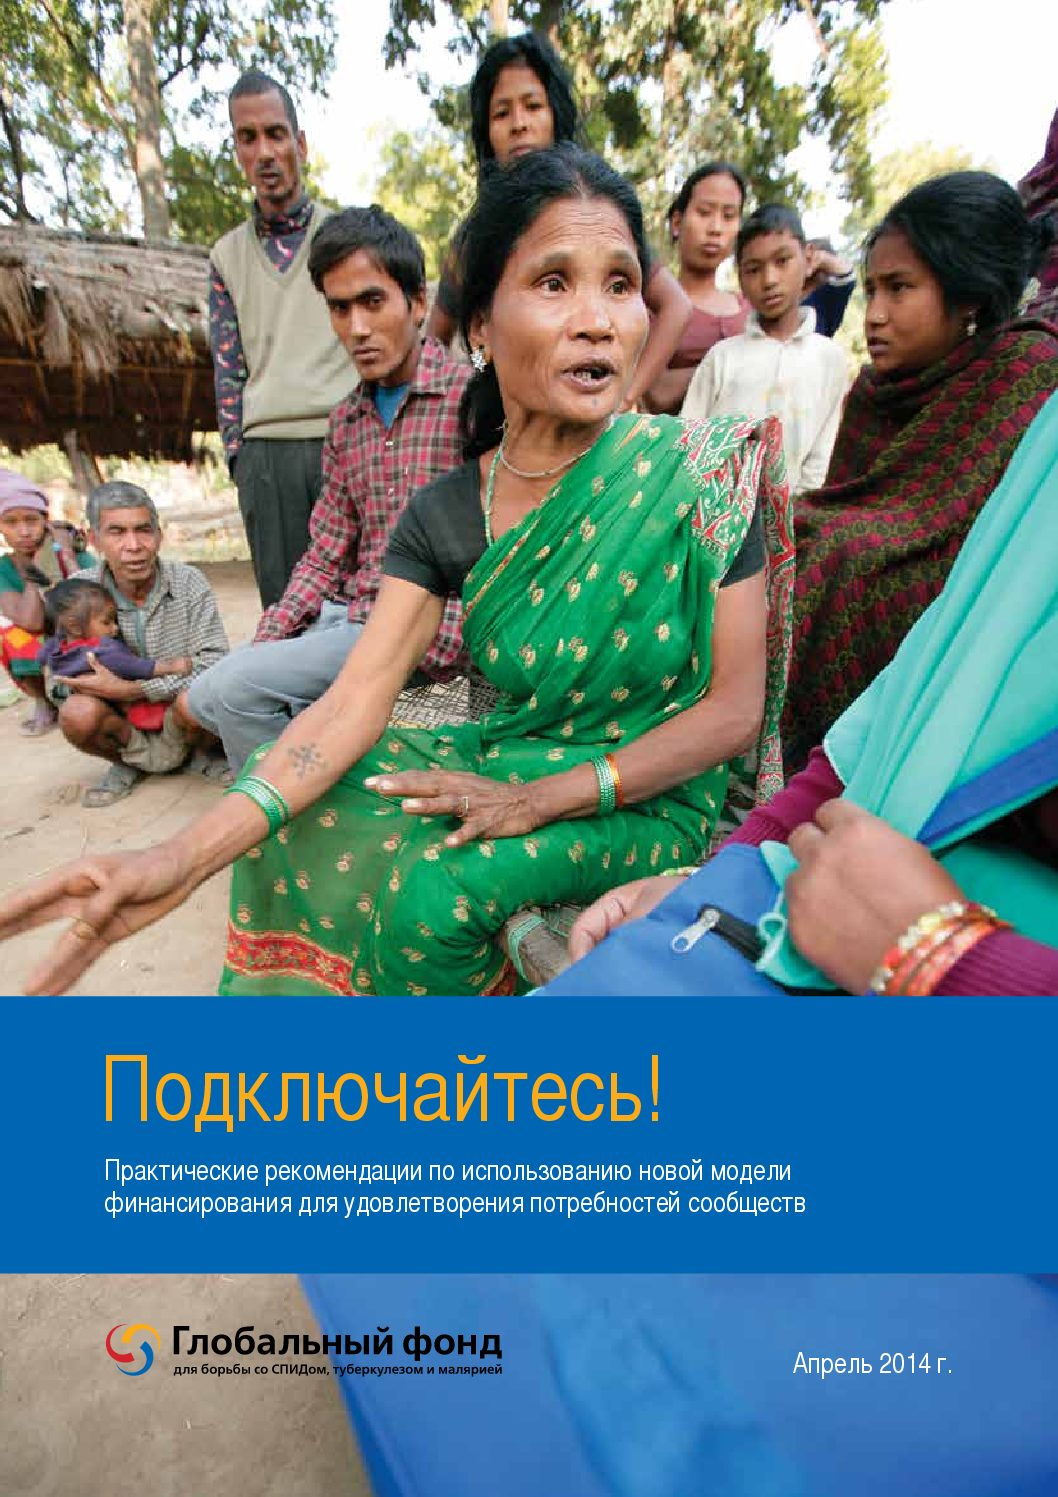 Практические рекомендации по использованию новой модели финансирования для удовлетворения потребностей сообществ